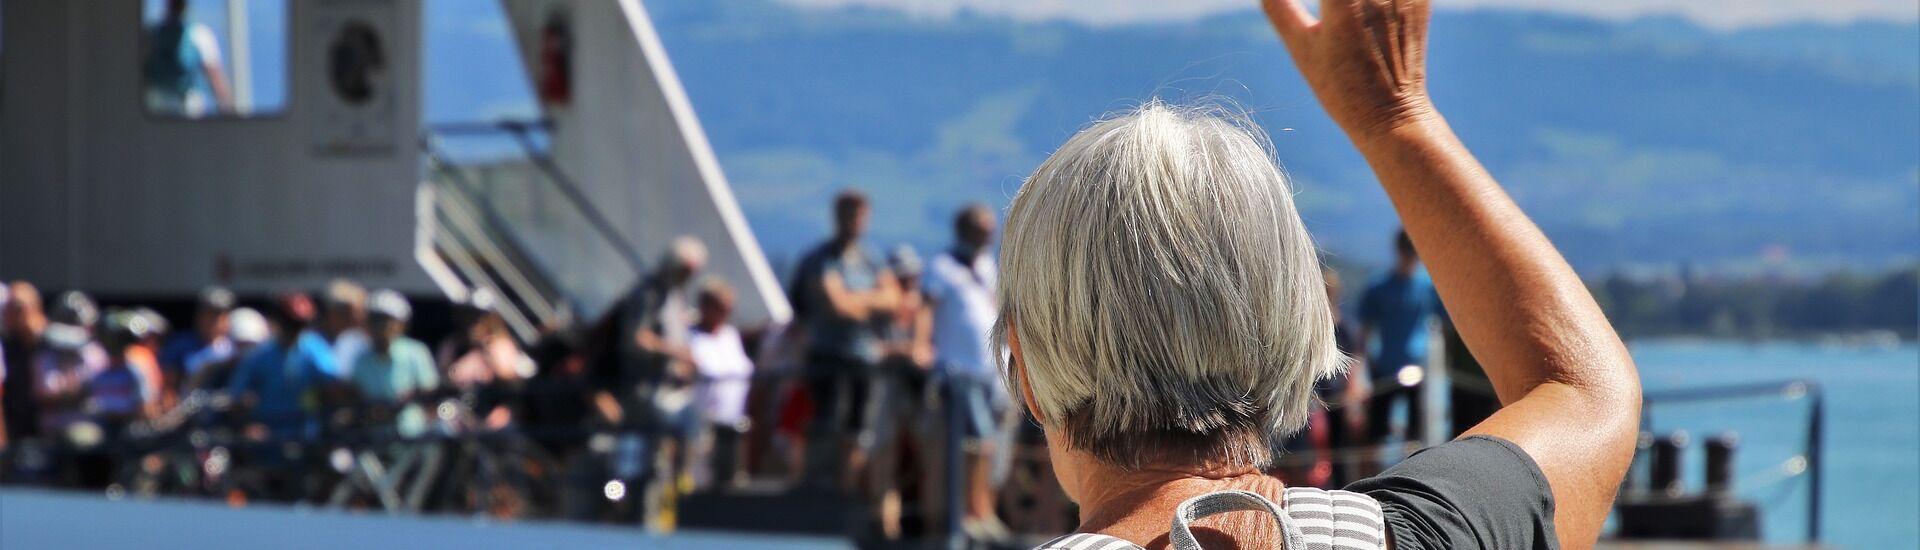 Seniorenausflug der Stadt Ortenberg